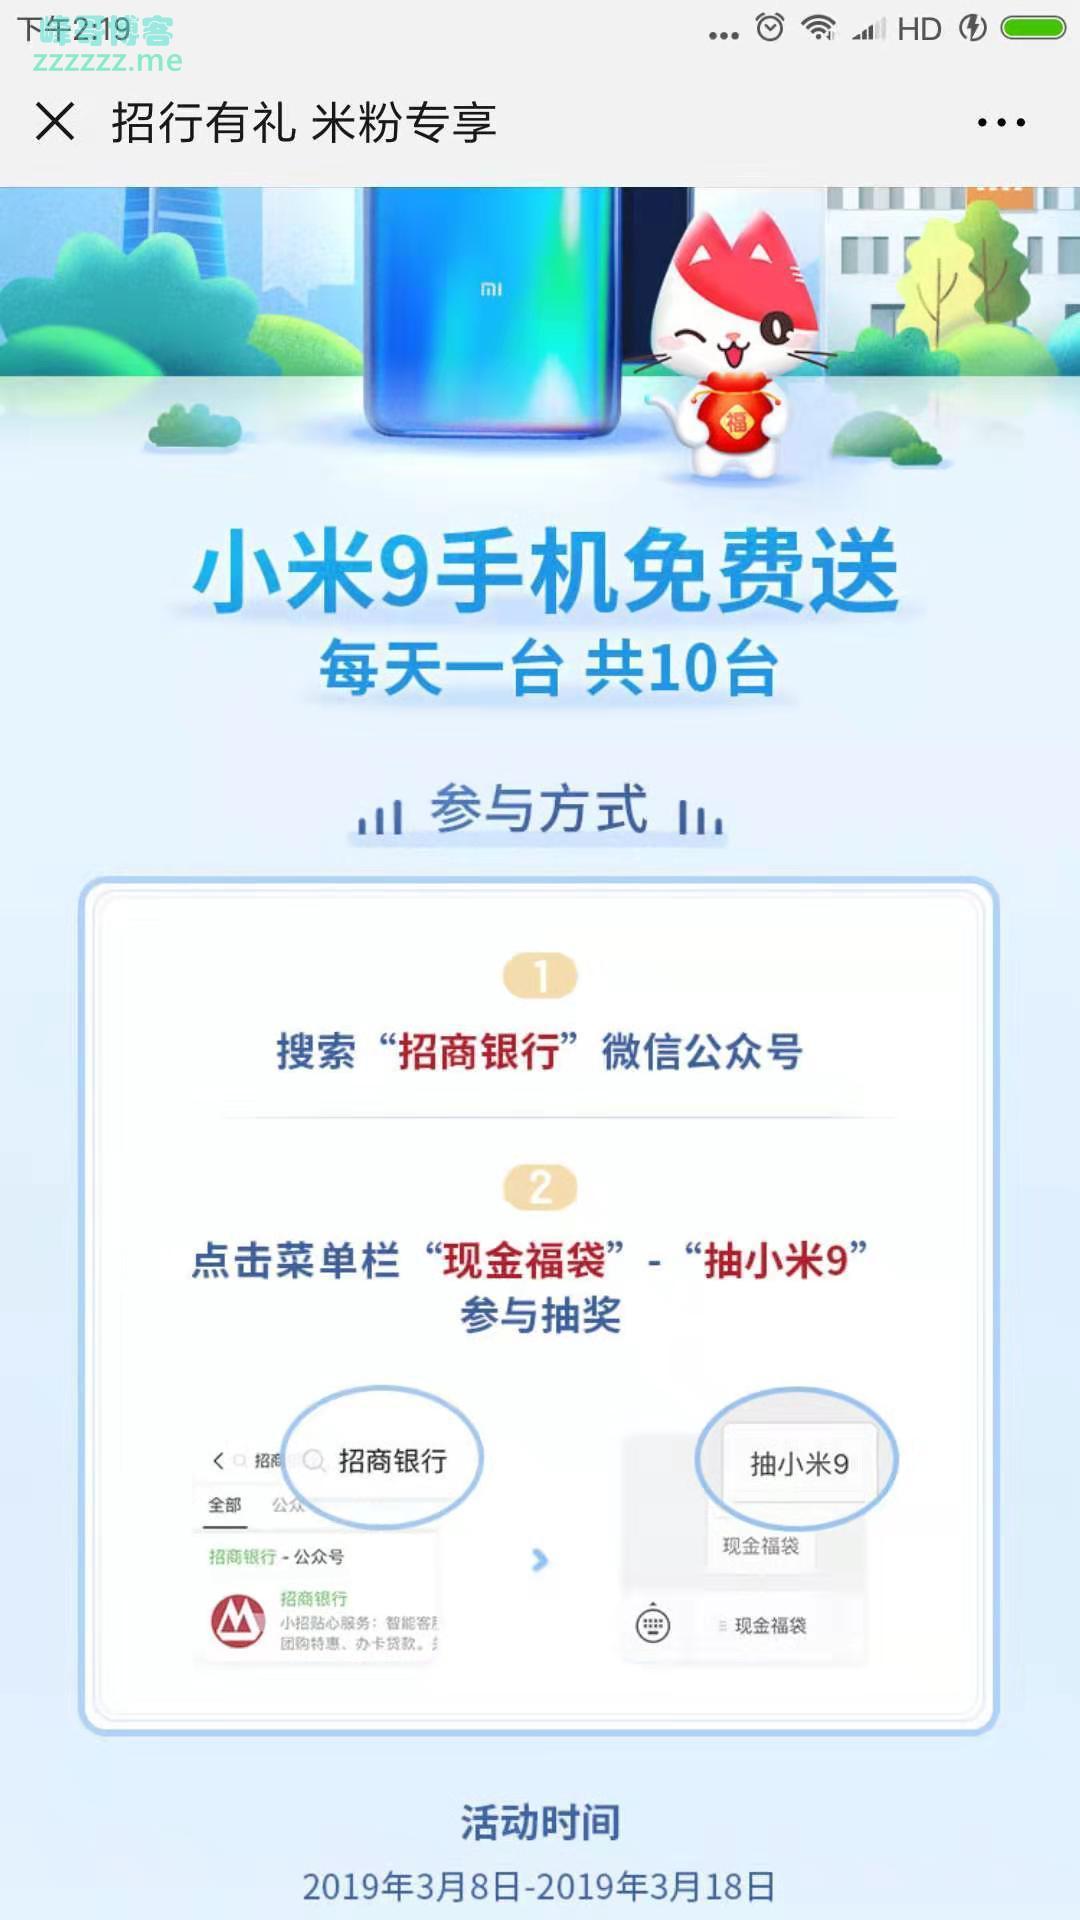 <招行>小米9手机免费送(截止3月18日)